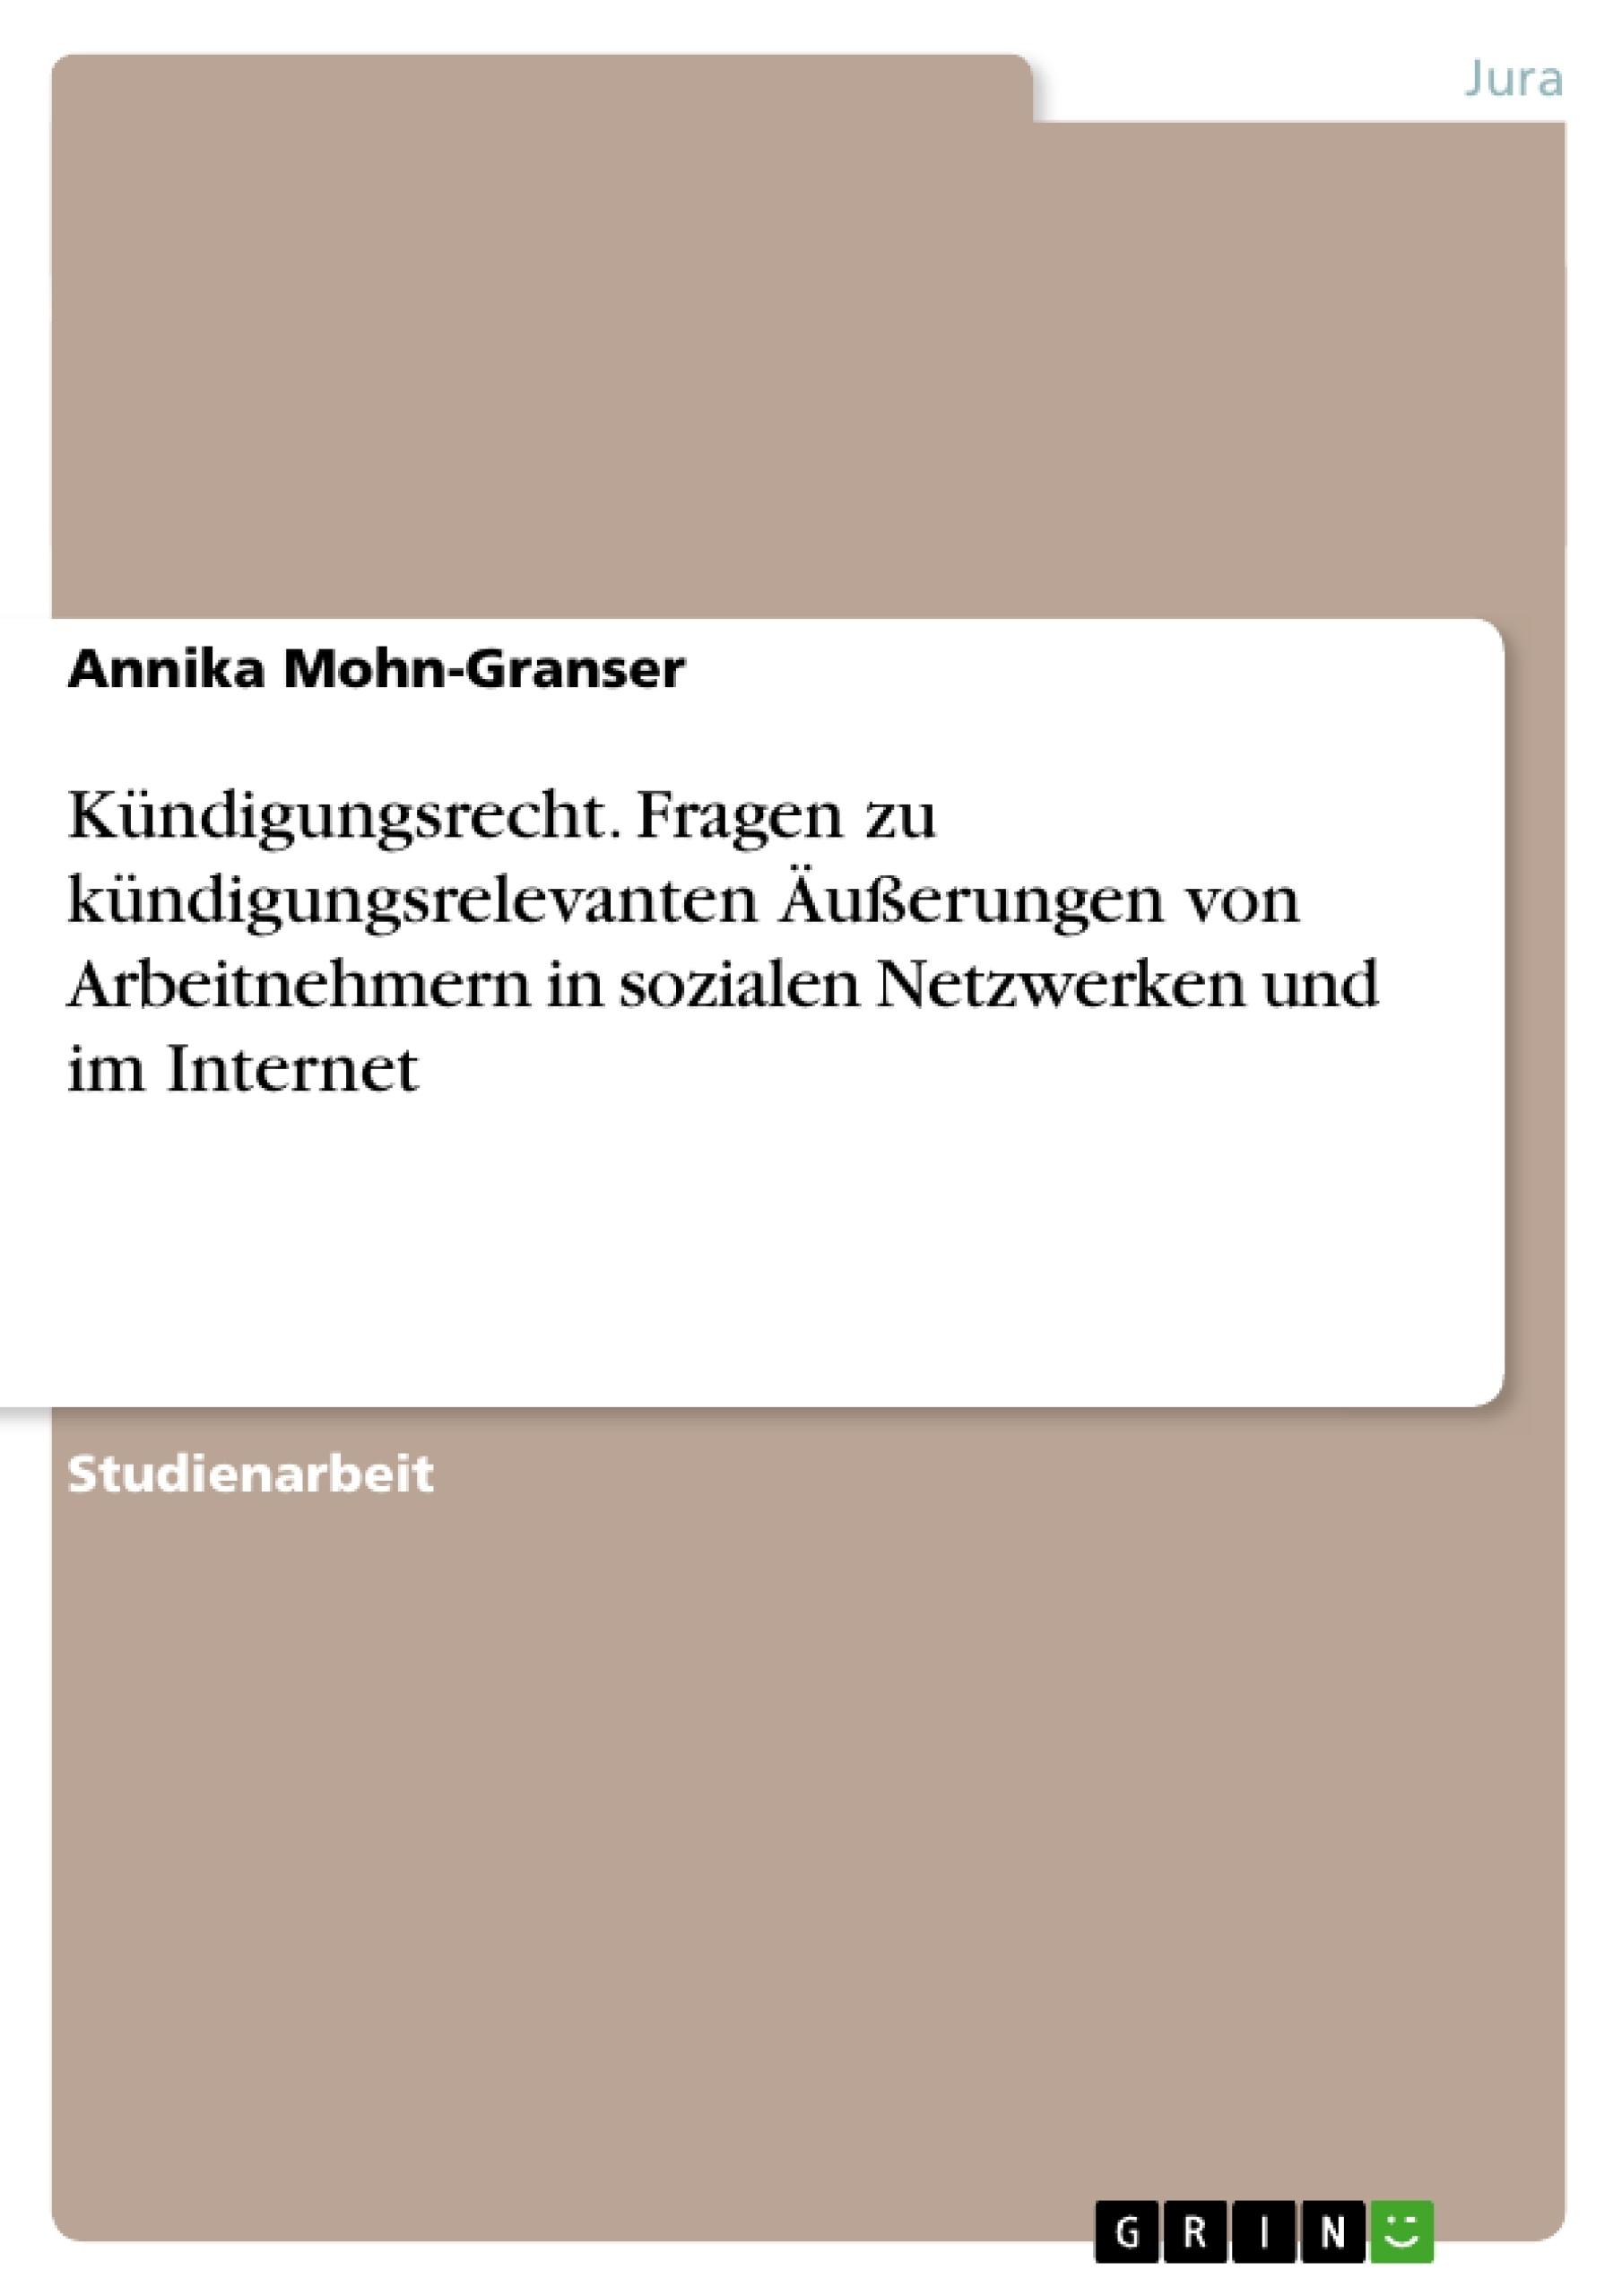 Titel: Kündigungsrecht. Fragen zu kündigungsrelevanten Äußerungen von Arbeitnehmern in sozialen Netzwerken und im Internet